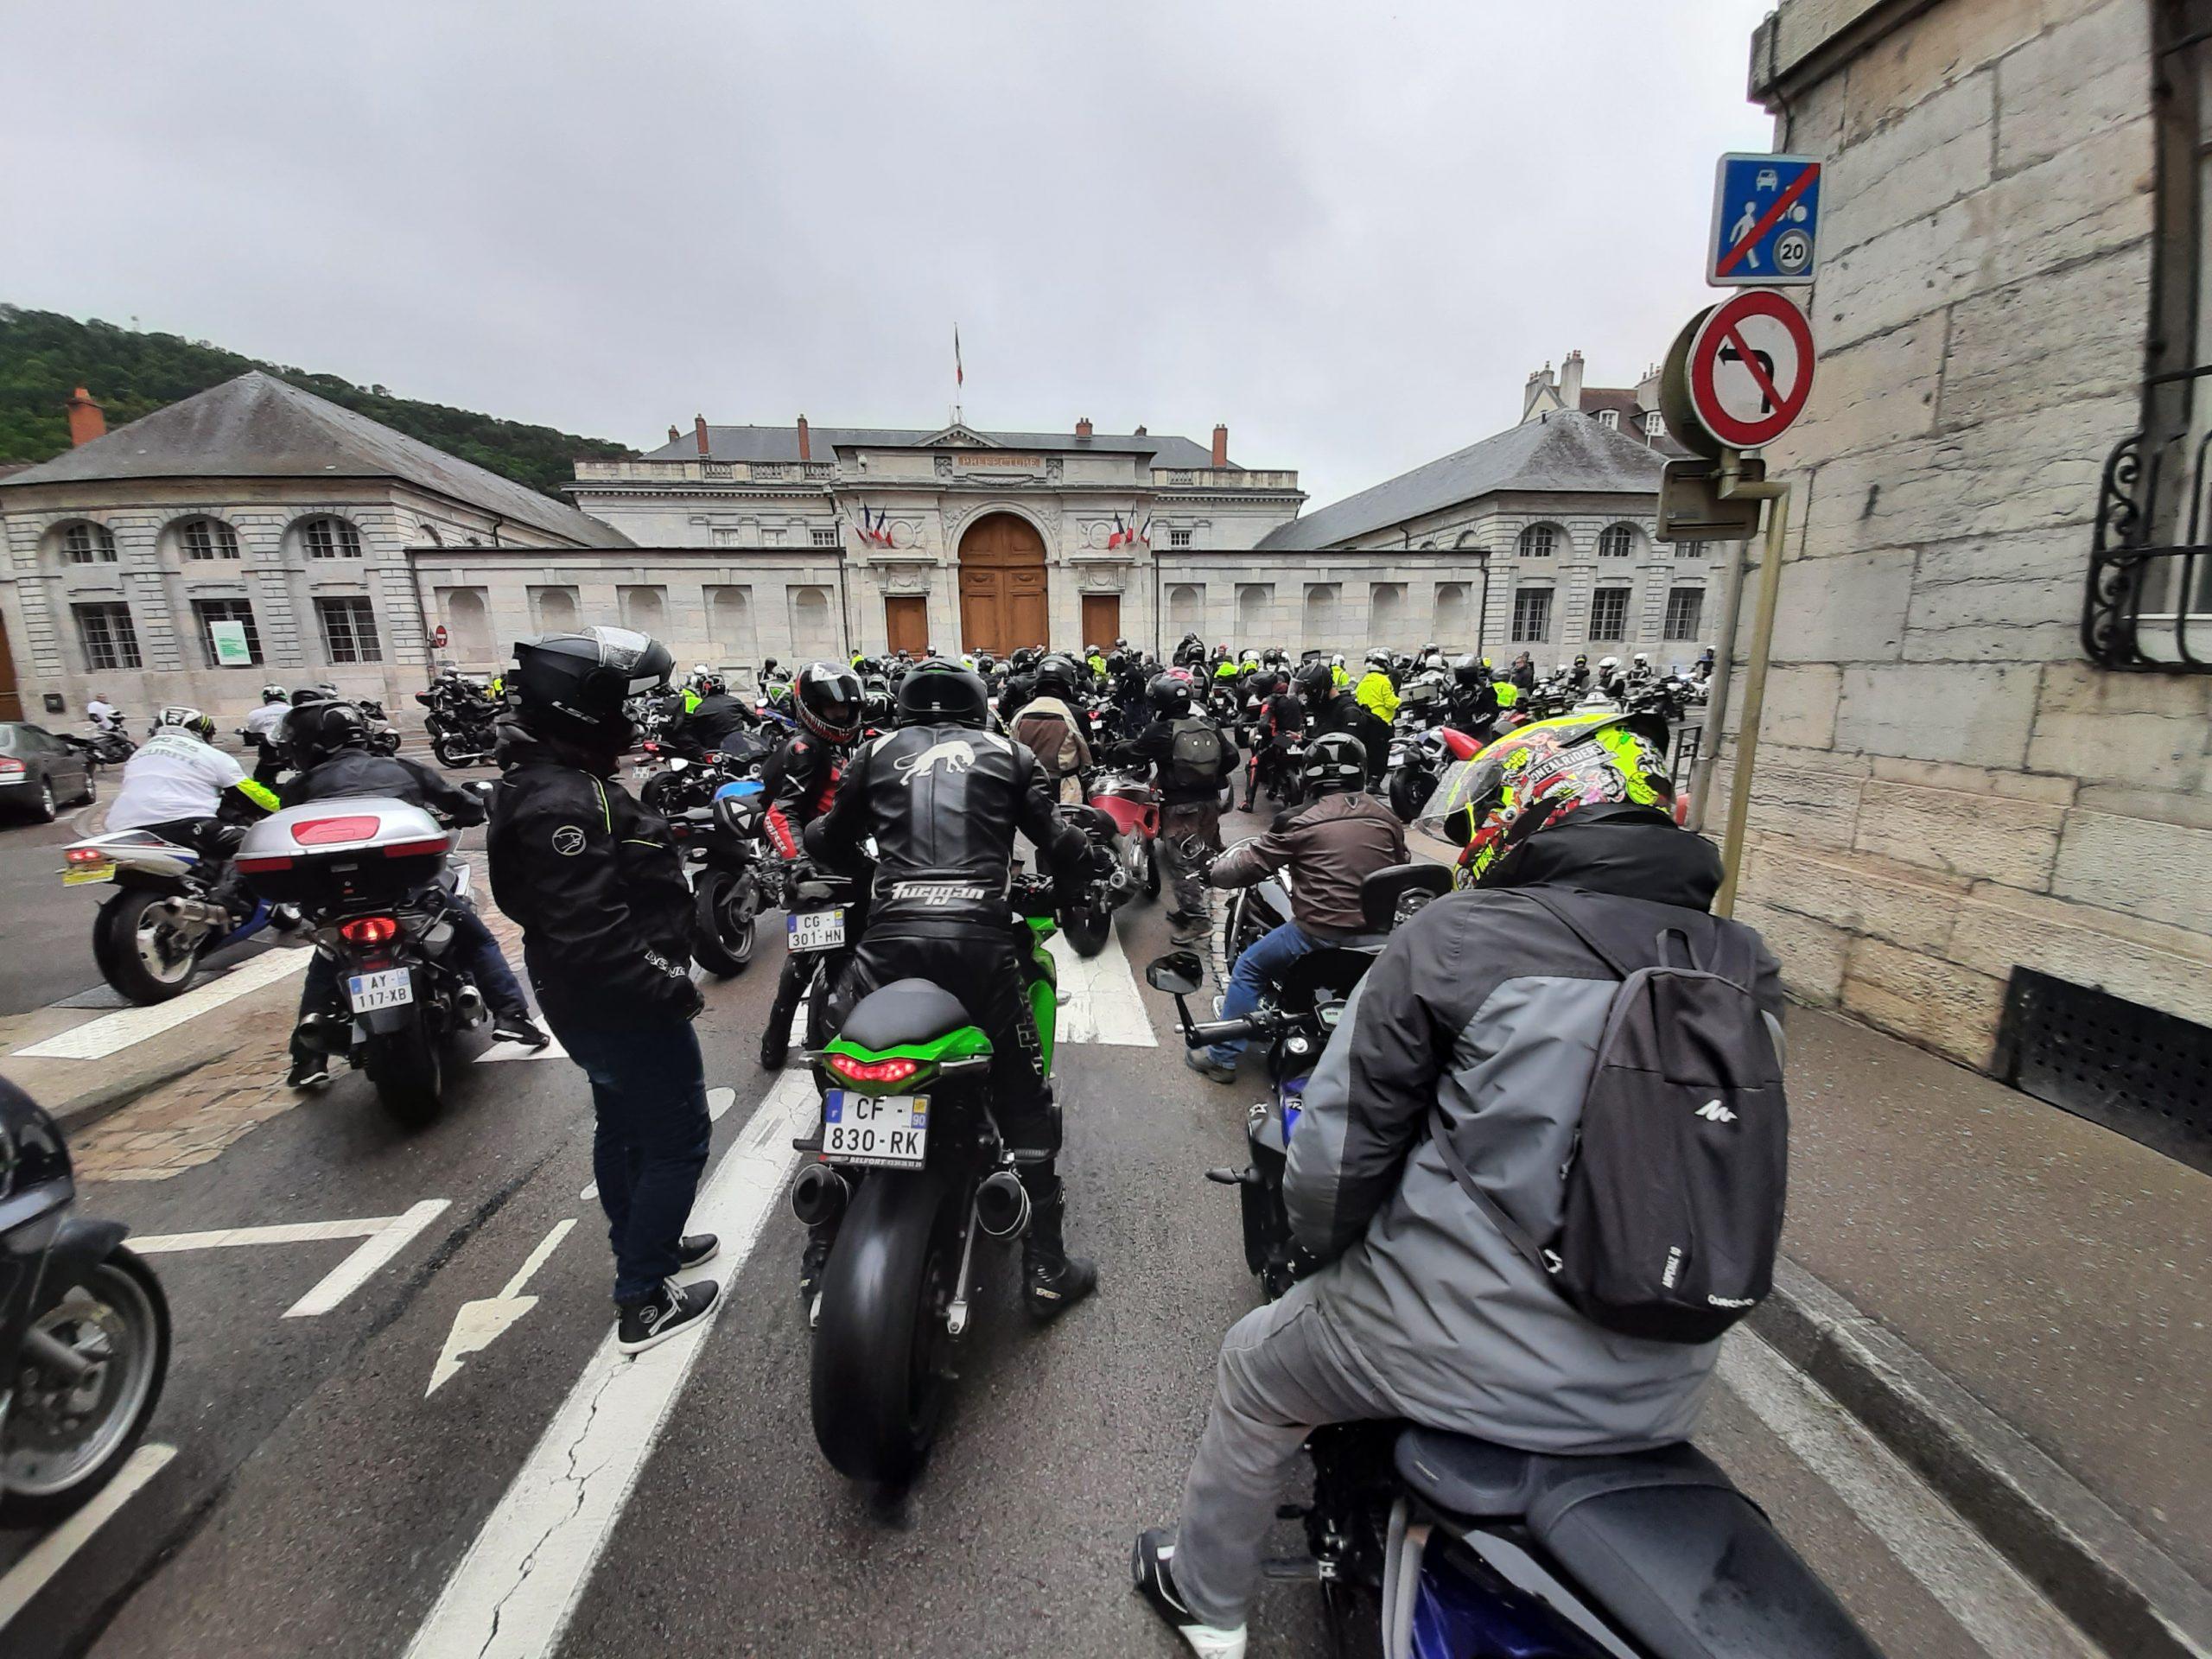 PHOTOS. Pour le 14 juillet, les motards en colère défilent à Besançon